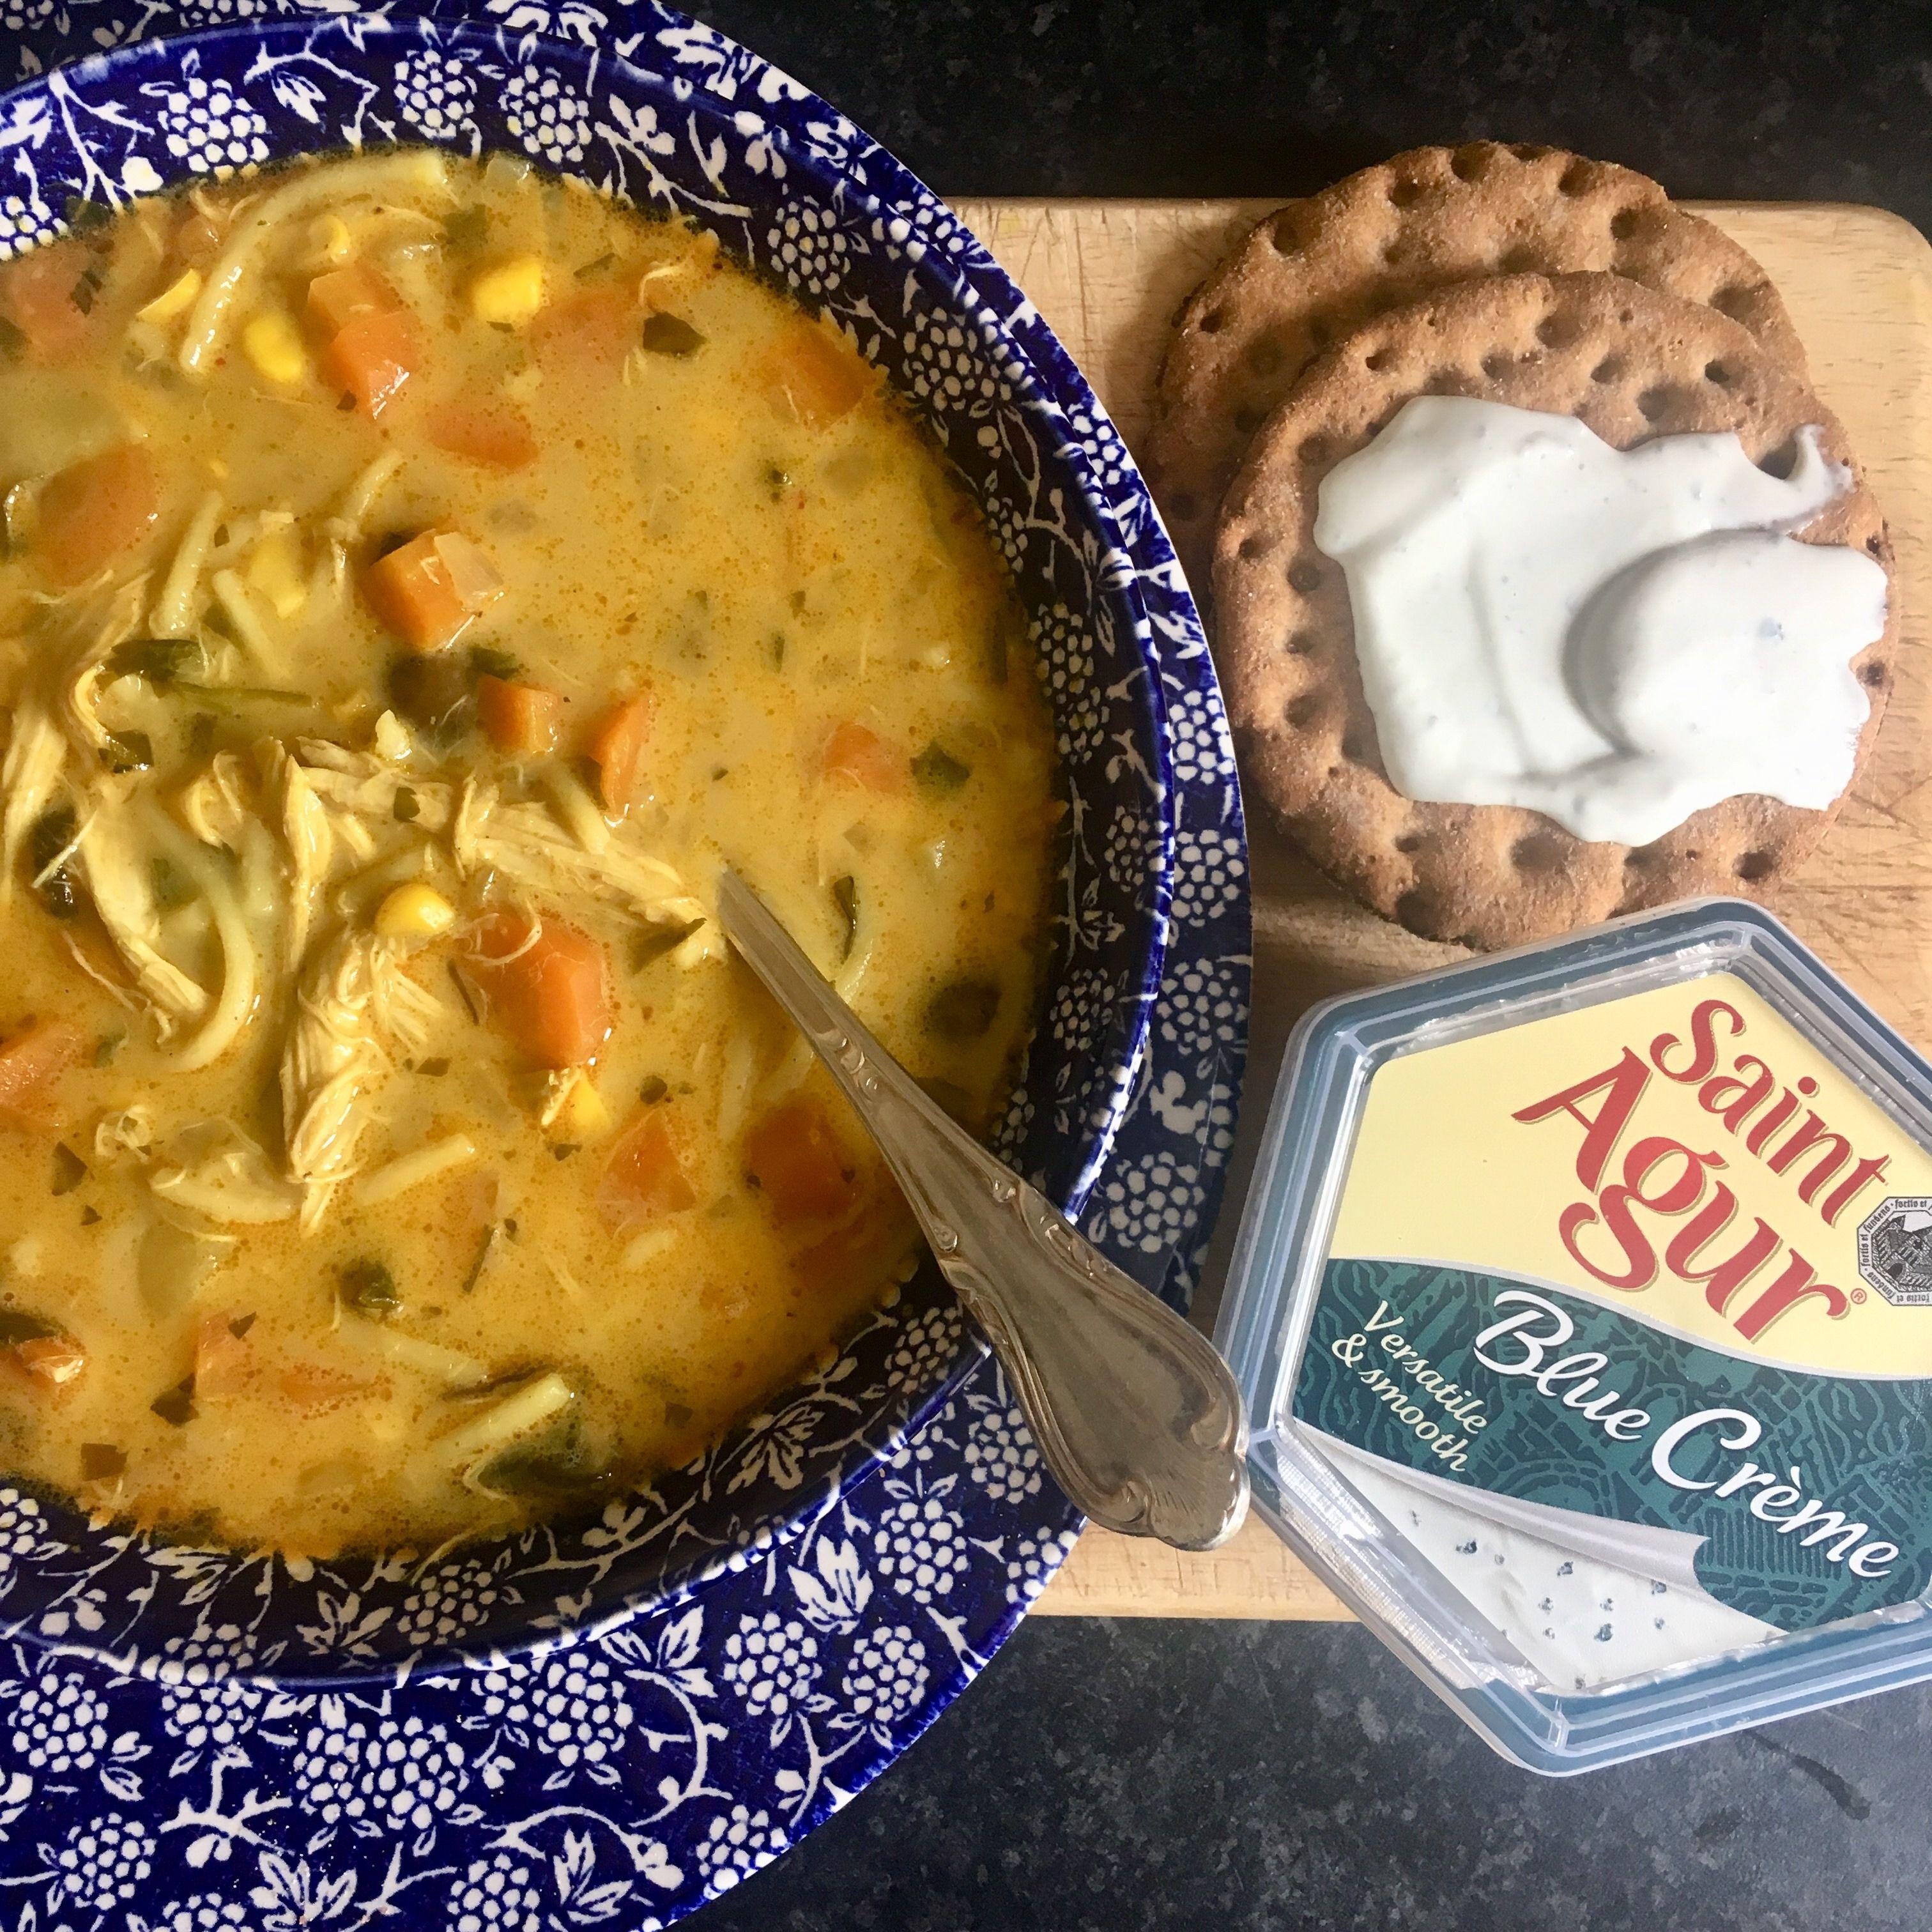 Zupa Z Pieczonego Kurczaka Pureorganic Zupa Z Pieczonego Kurczaka Healthy Recipes Food Recipes